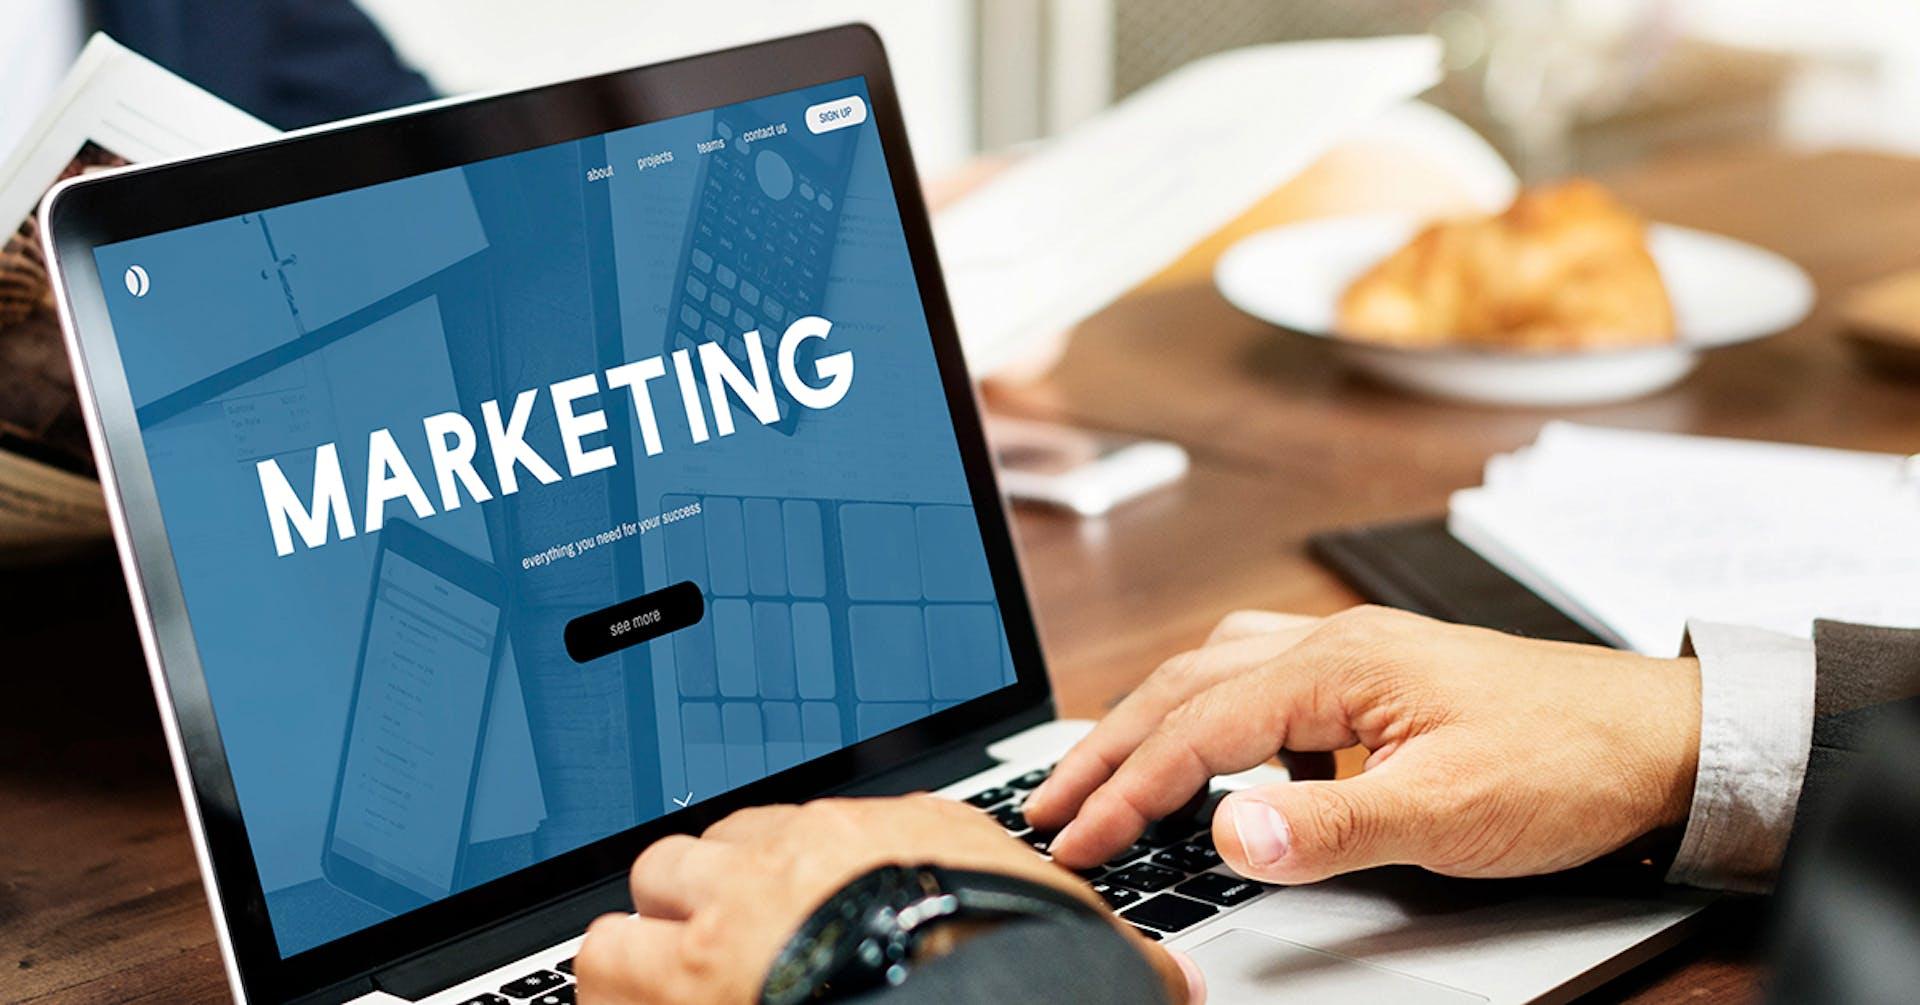 Historia del marketing digital: bienvenido a la era de la modernidad